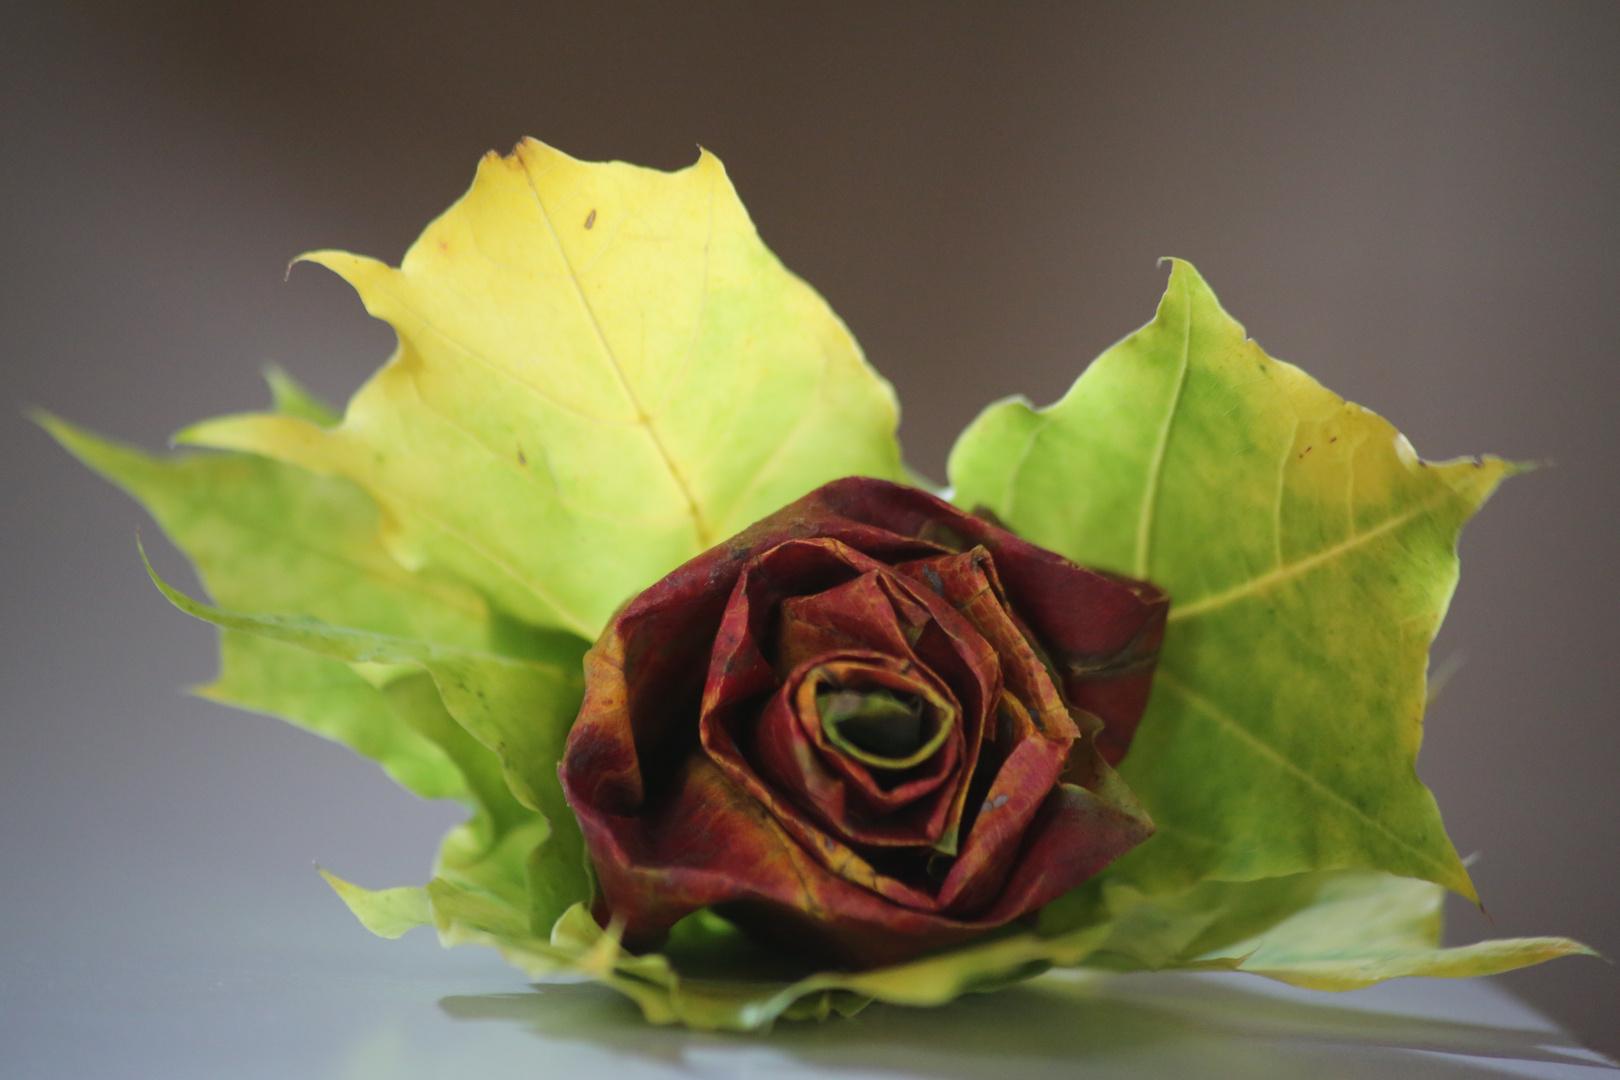 Herbstrose 2 oder ein Bild aus 5 Ahornblättern